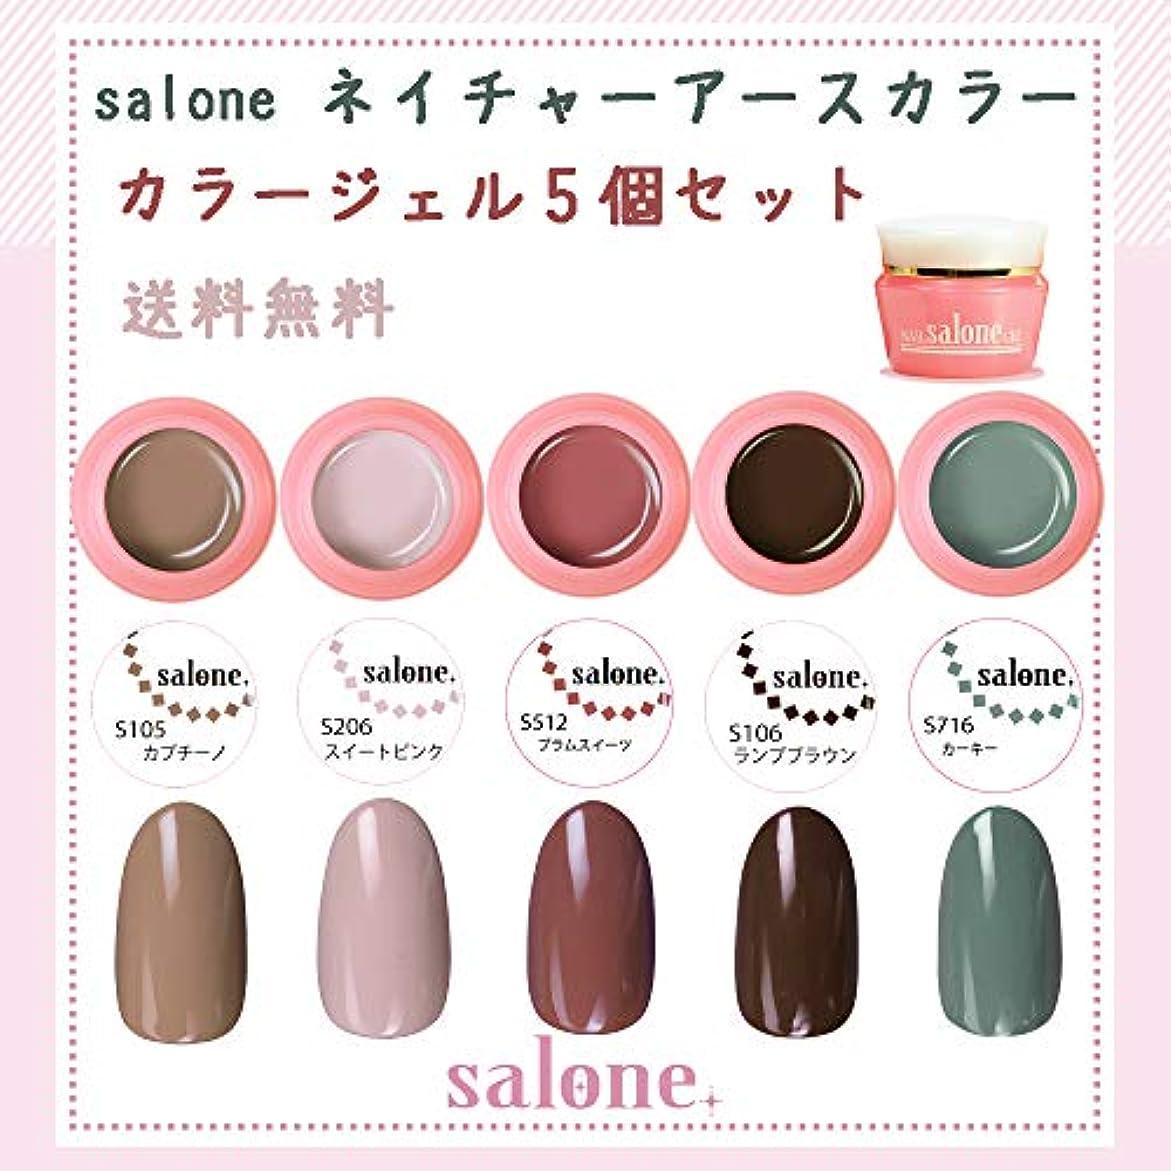 【送料無料 日本製】Salone ネイチャーアースカラー カラージェル5個セット ボタニカルでネイチャーなカラーをチョイスしました。